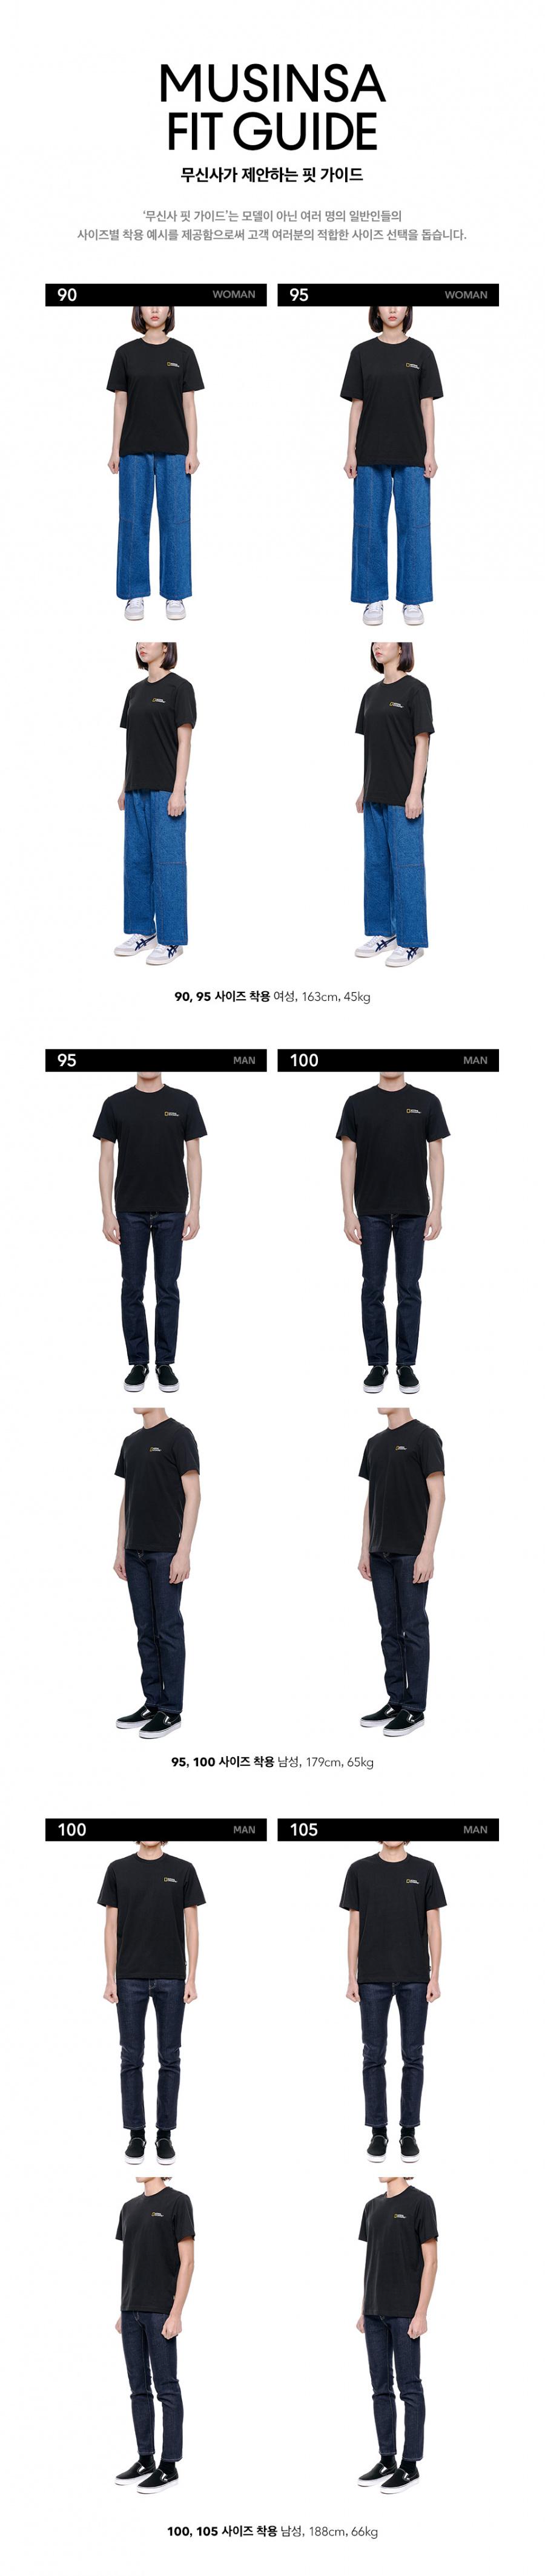 내셔널지오그래픽(NATIONALGEOGRAPHIC) N195UTS910 네오디 스몰 로고 반팔 티셔츠 CARBON BLACK